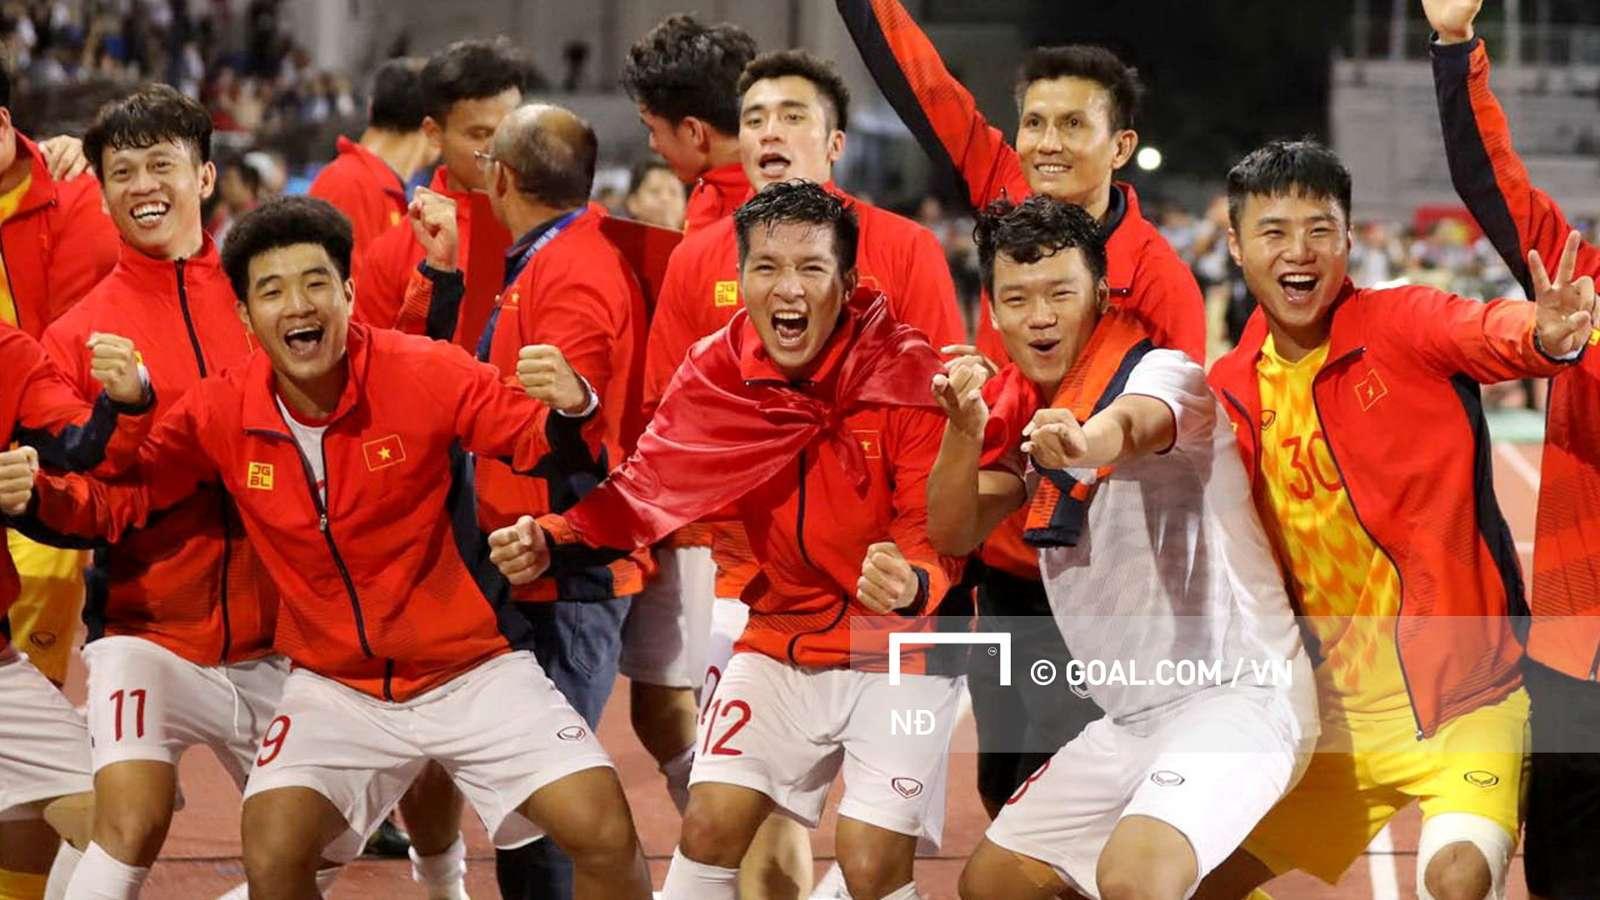 Danh sách gồm 28 cầu thủ U-23 Việt Nam đến Thái Lan gồm những ai?